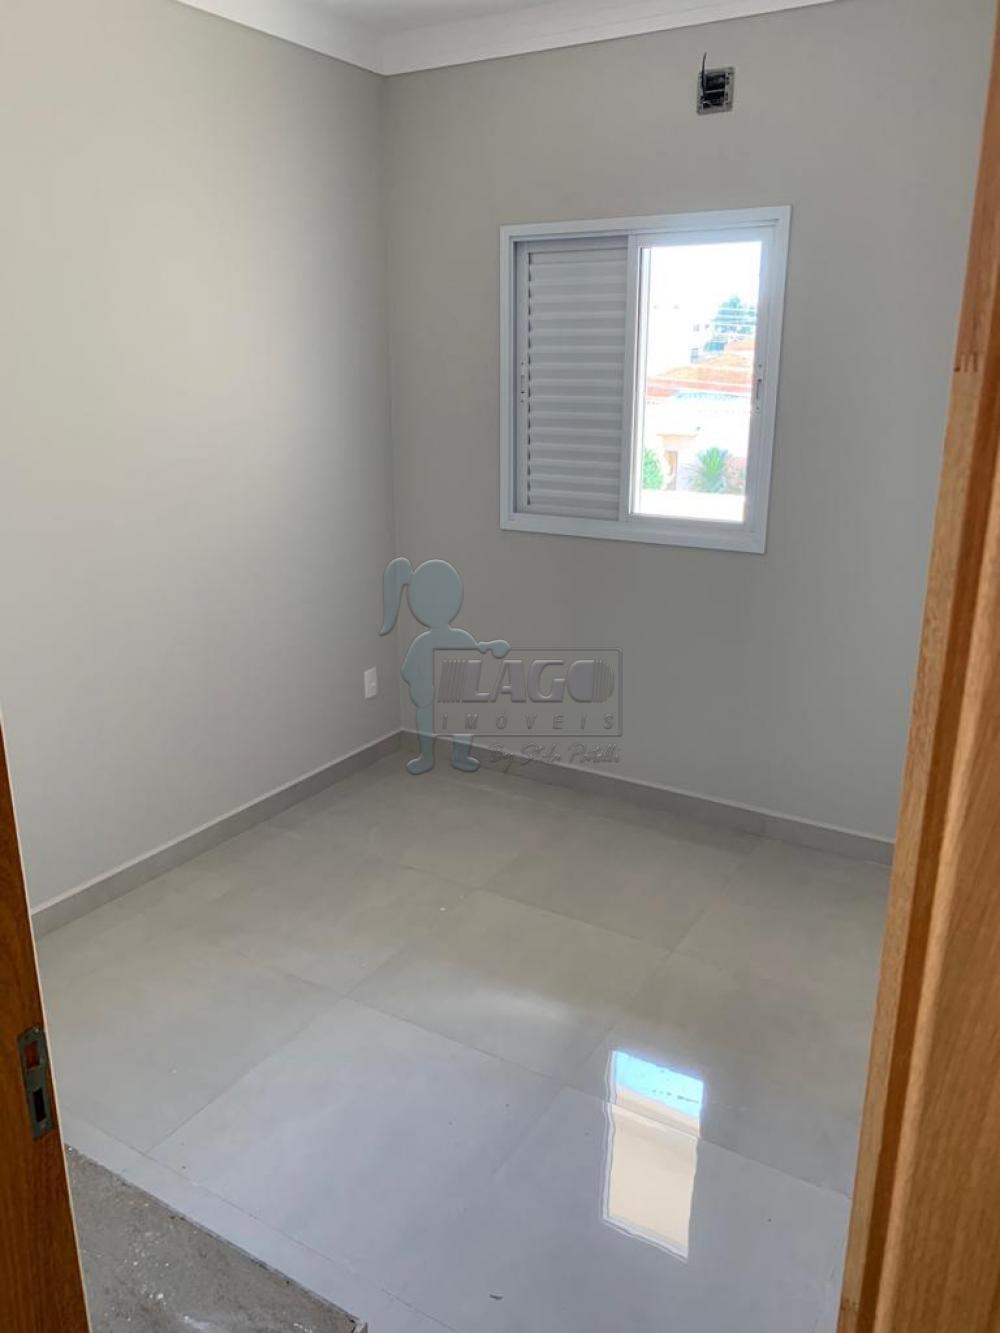 Comprar Apartamento / Padrão em Ribeirão Preto apenas R$ 280.000,00 - Foto 12